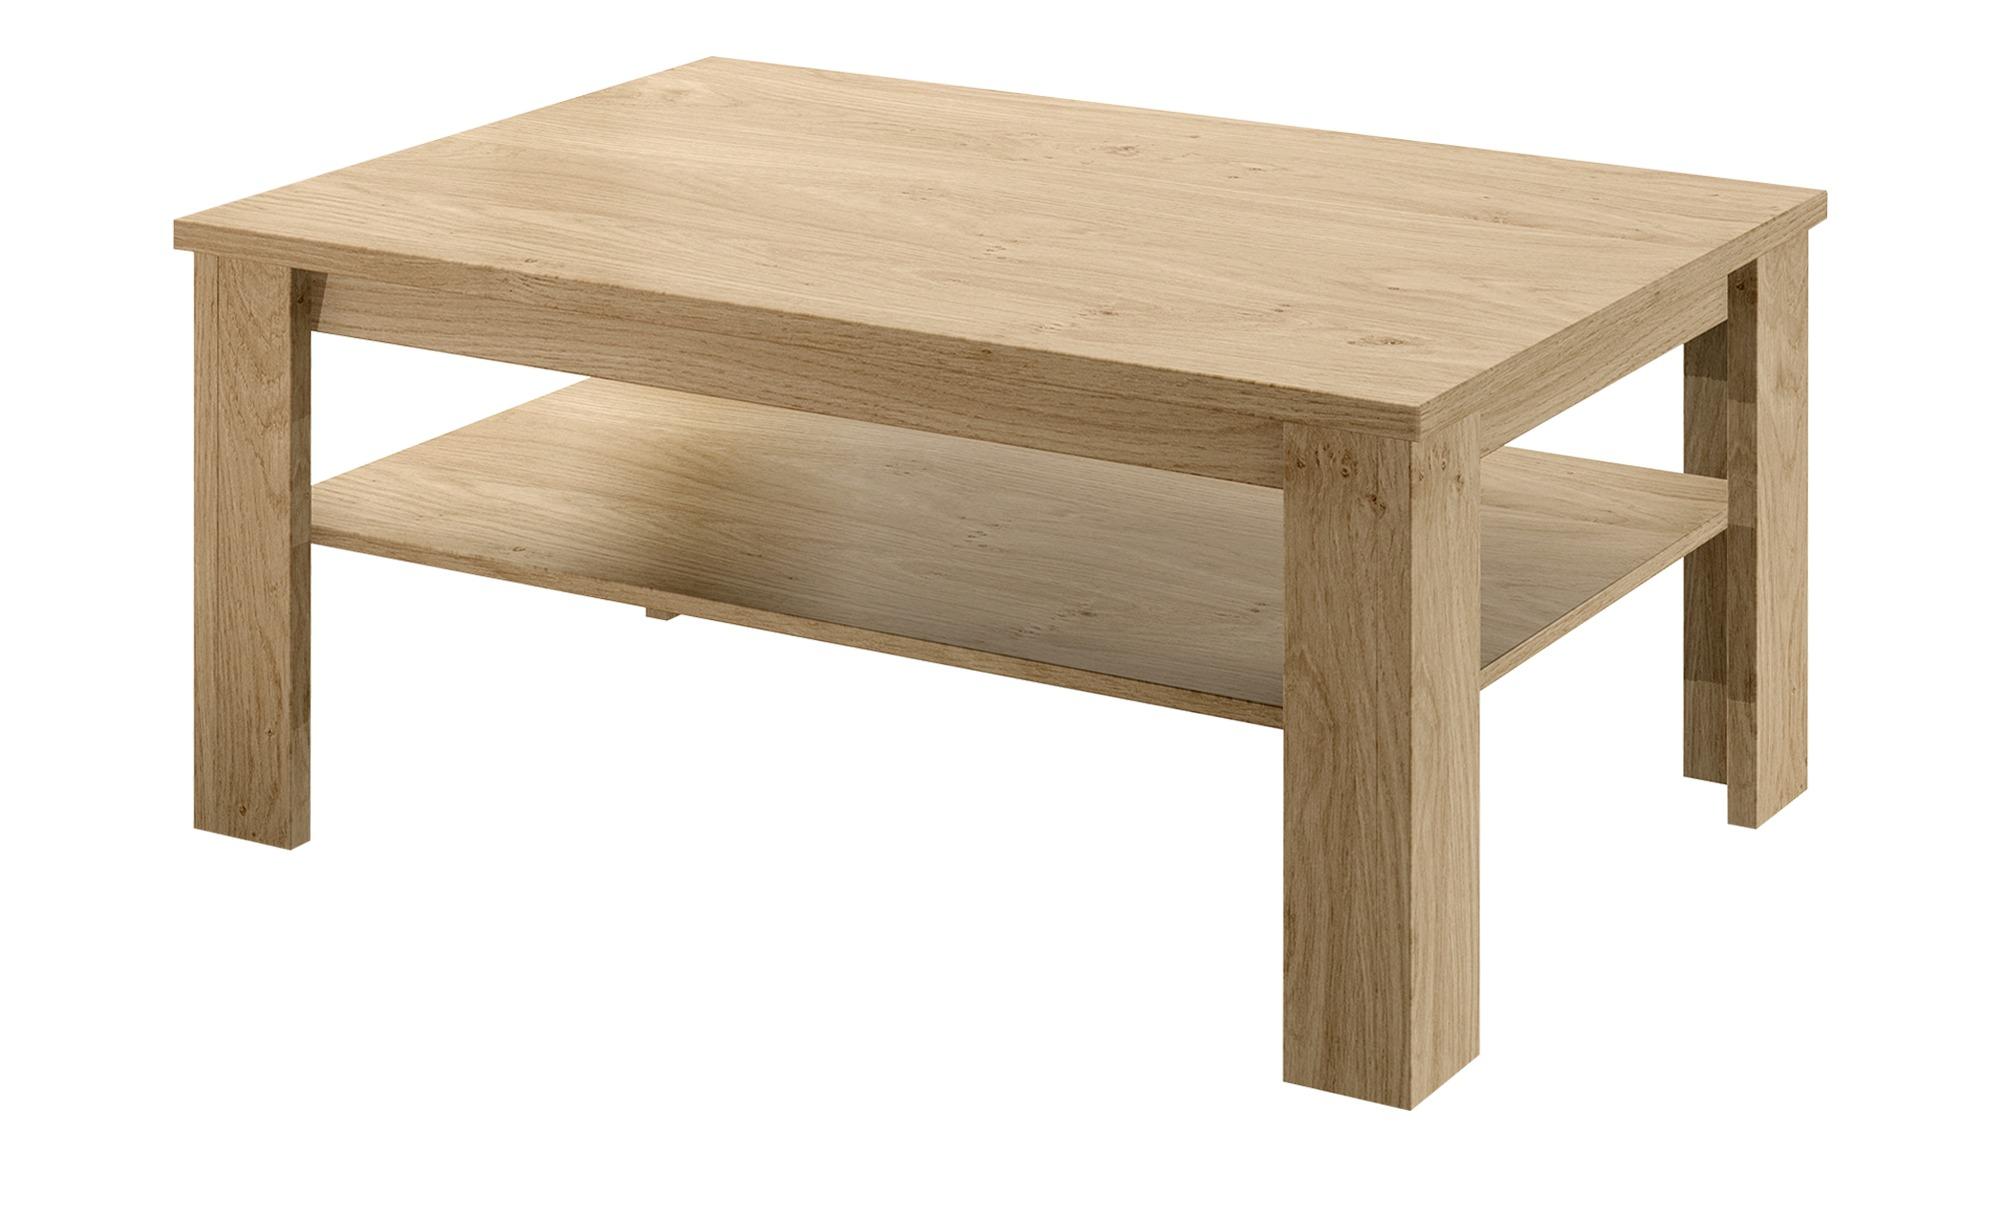 Couchtisch  Largo ¦ holzfarben ¦ Maße (cm): B: 70 H: 45 T: 70 Tische > Couchtische > Couchtische rechteckig - Höffner